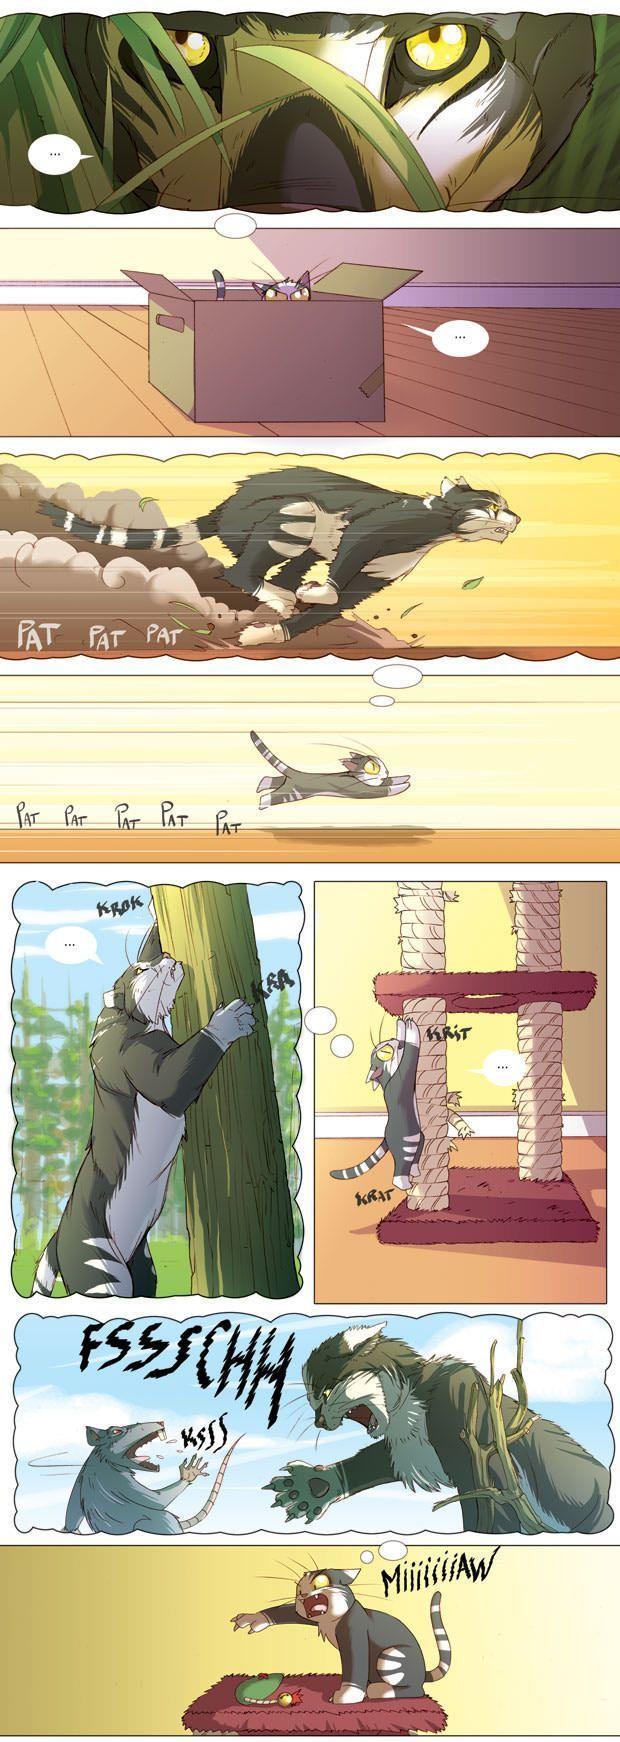 Cat imagination - 9GAG